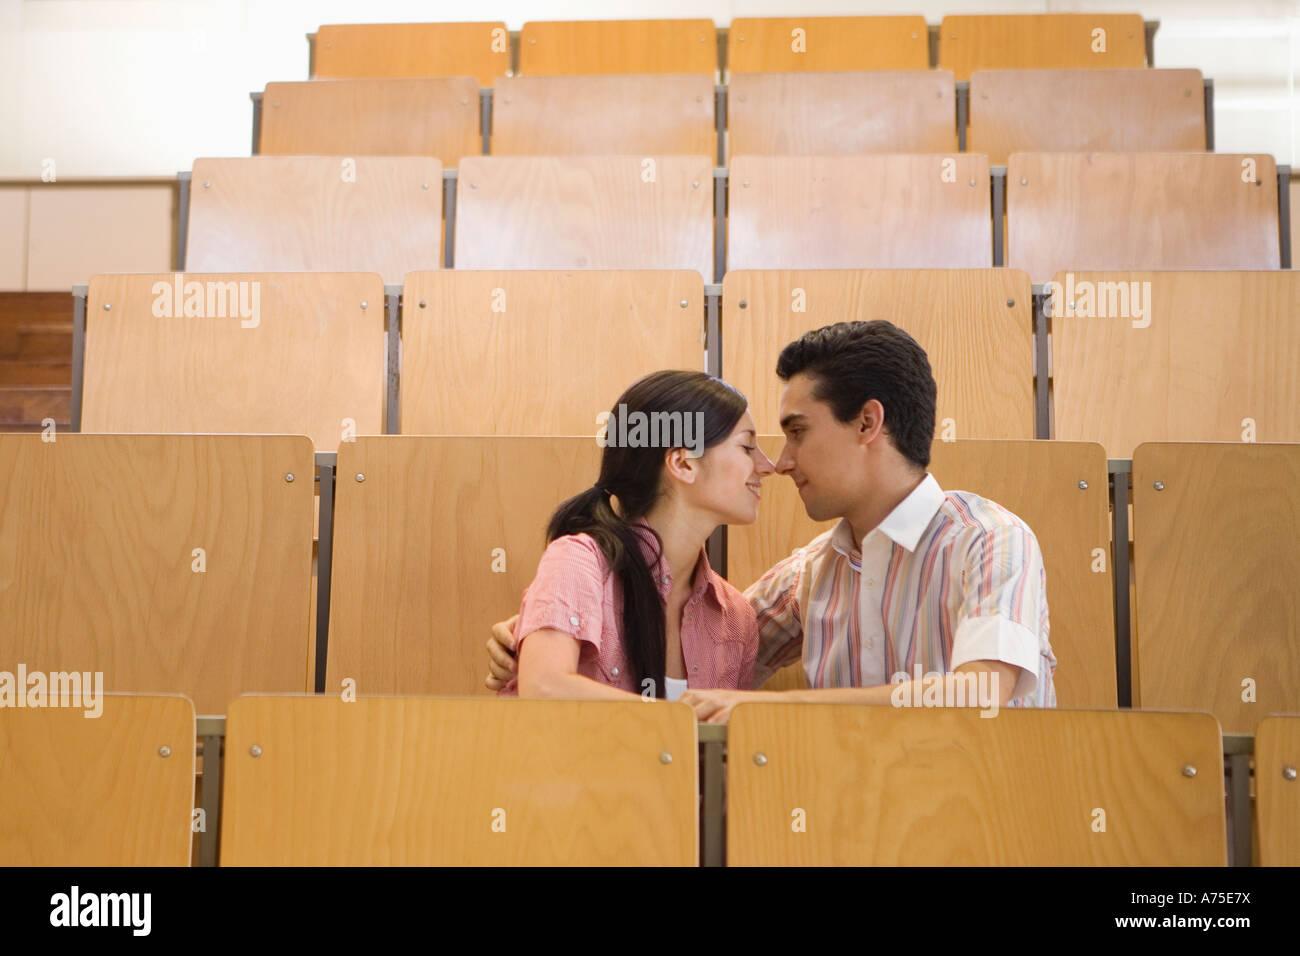 Les élèves de s'embrasser dans la salle de classe vide Photo Stock